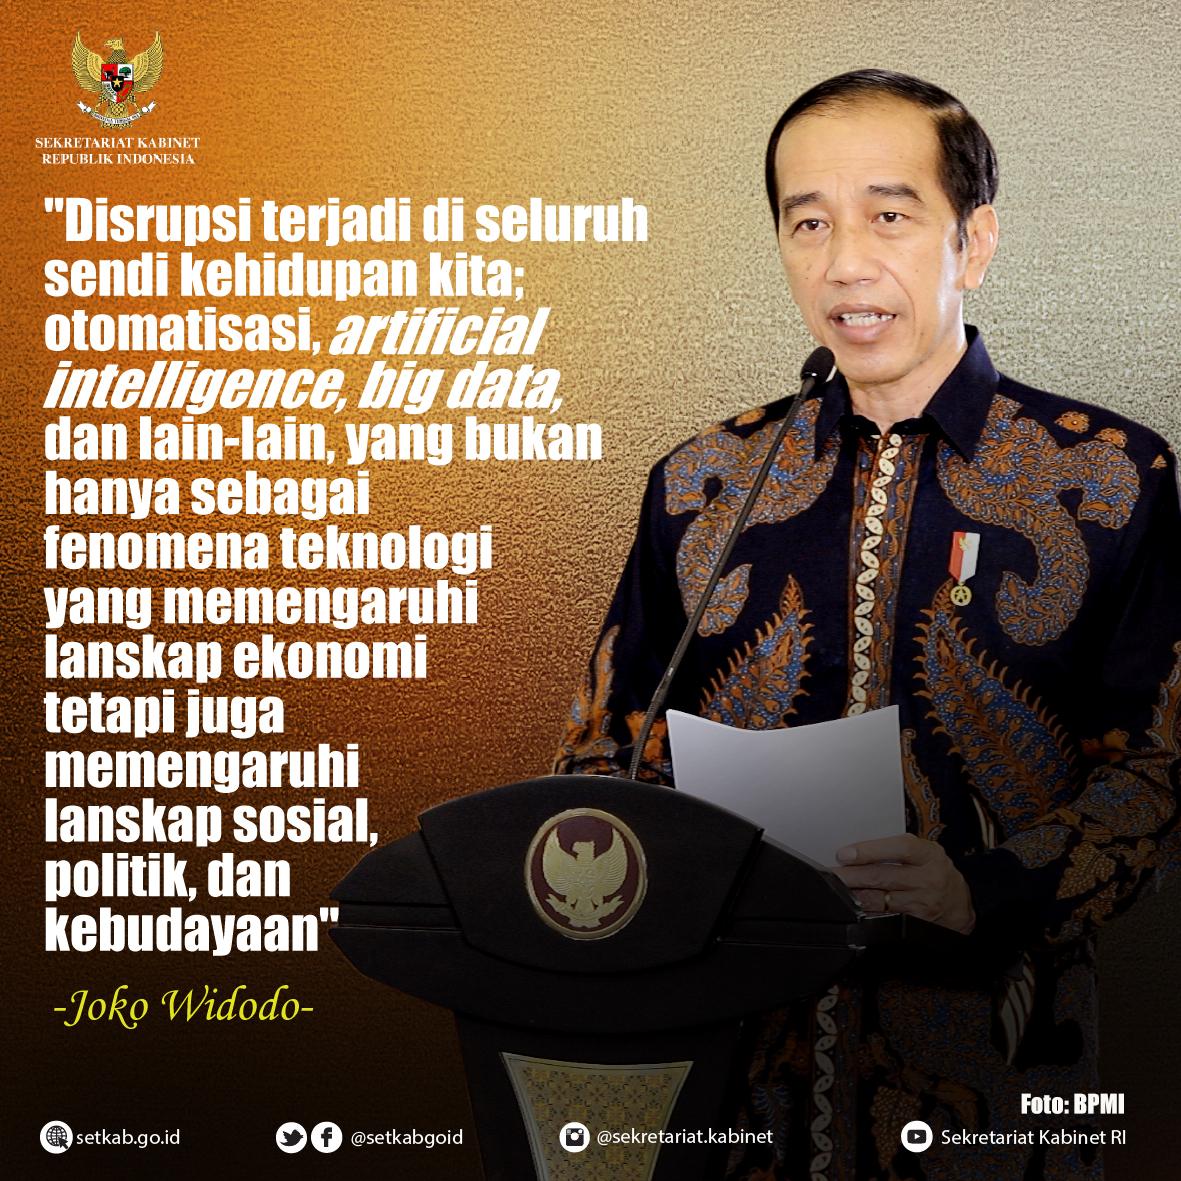 """Pesan Presiden Joko Widodo pada Studium Generale LPDP """"Rekacipta Generasi Muda Menuju Indonesia Emas"""", Senin (2/11)"""